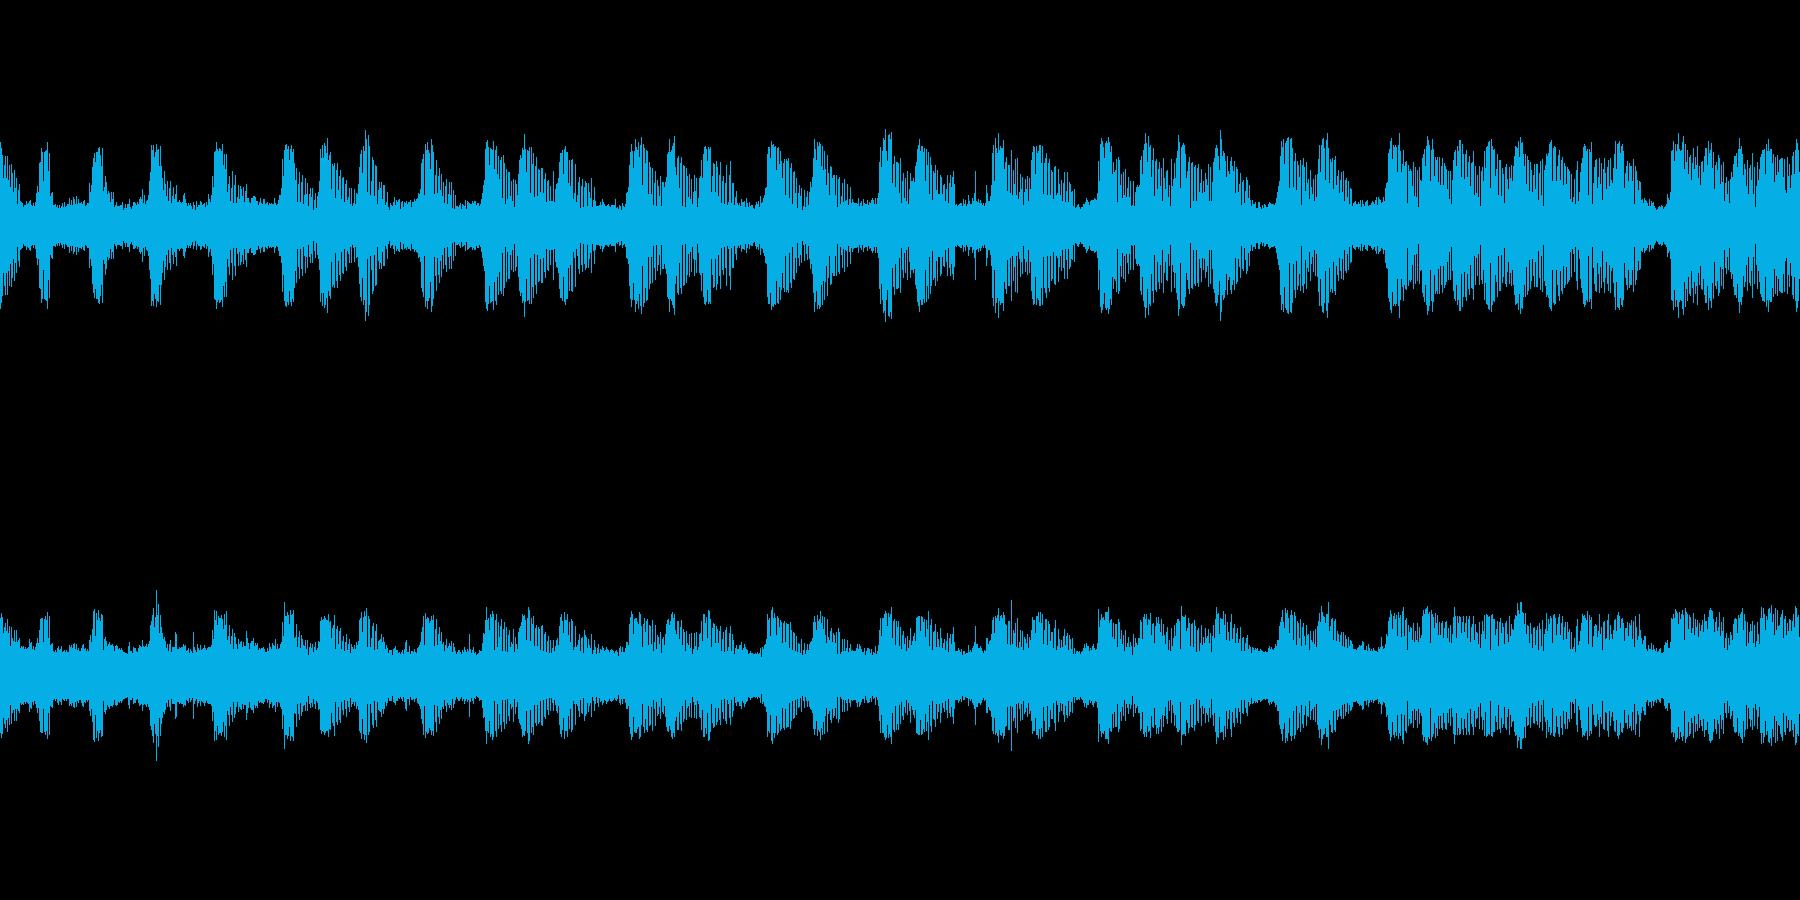 【環境音】虫、鳥─秋の里山その3こおろぎの再生済みの波形